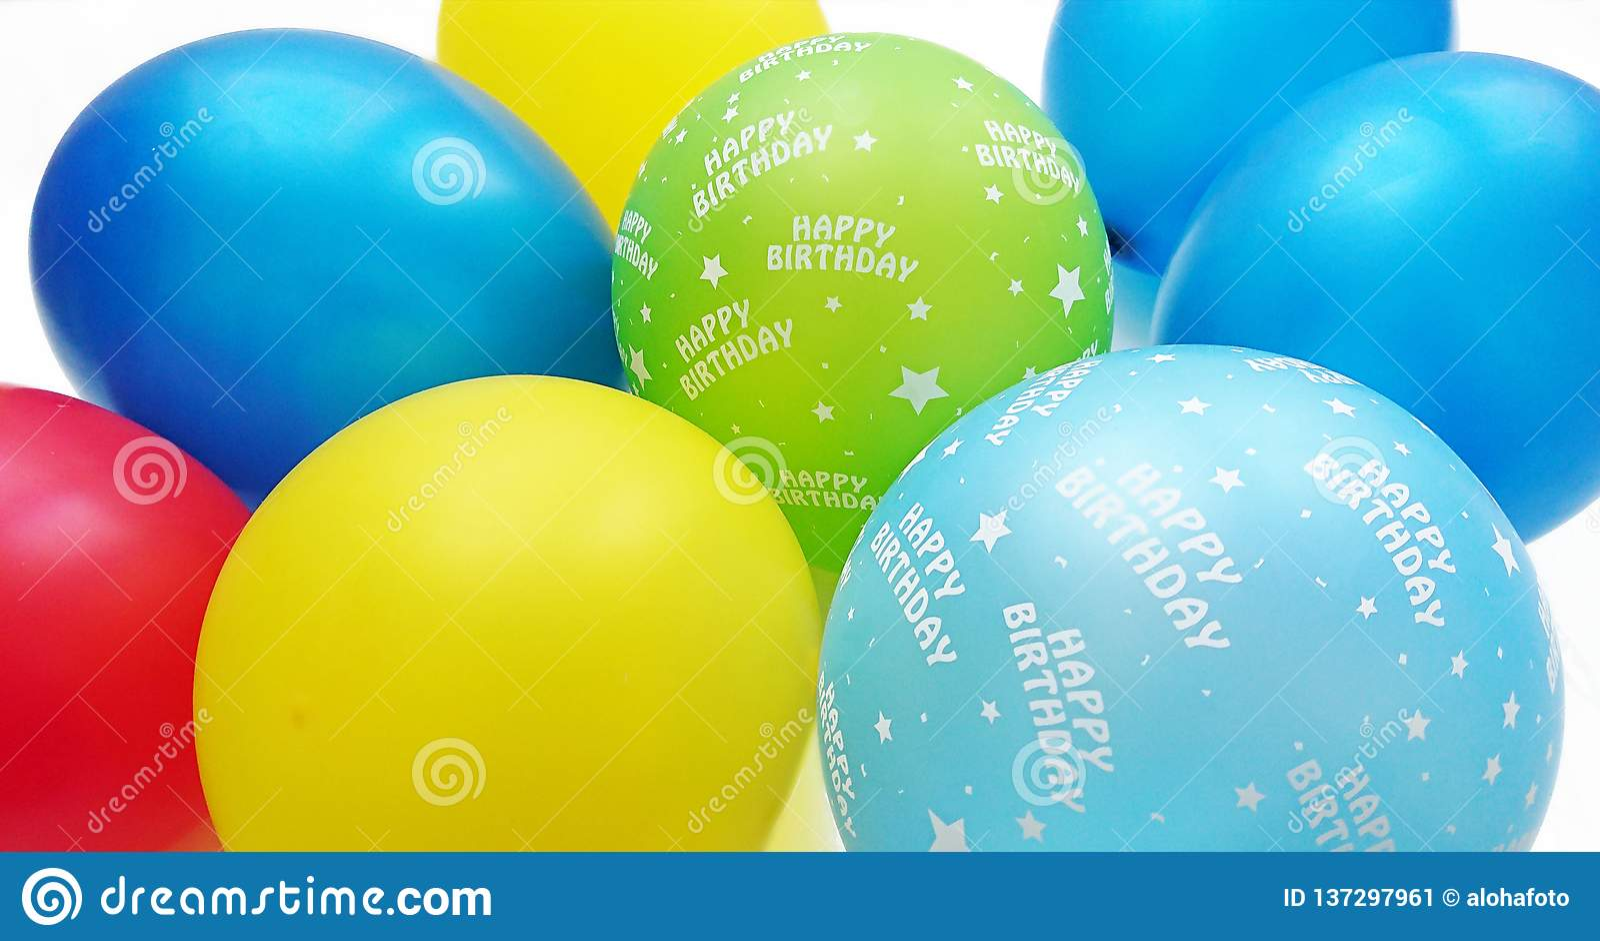 Kolorowi balony w czerwonym błękitnym żółtym jabłku - zieleń i turkus z wszystkiego najlepszego z okazji urodzin tekstem